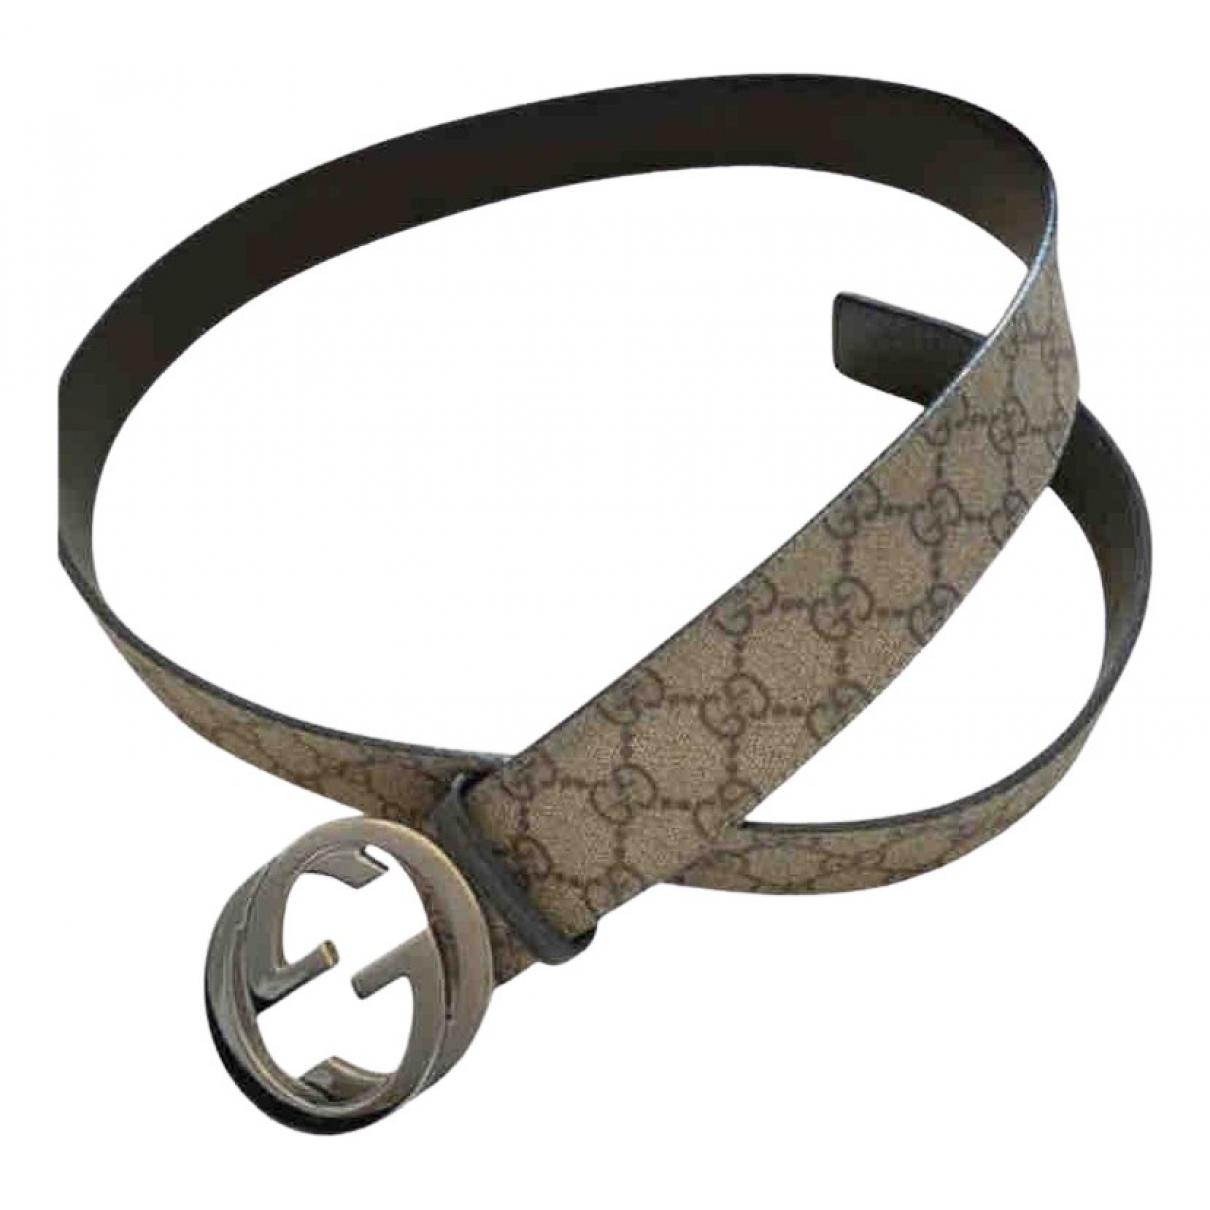 Gucci Interlocking Buckle Beige Cloth belt for Men 90 cm